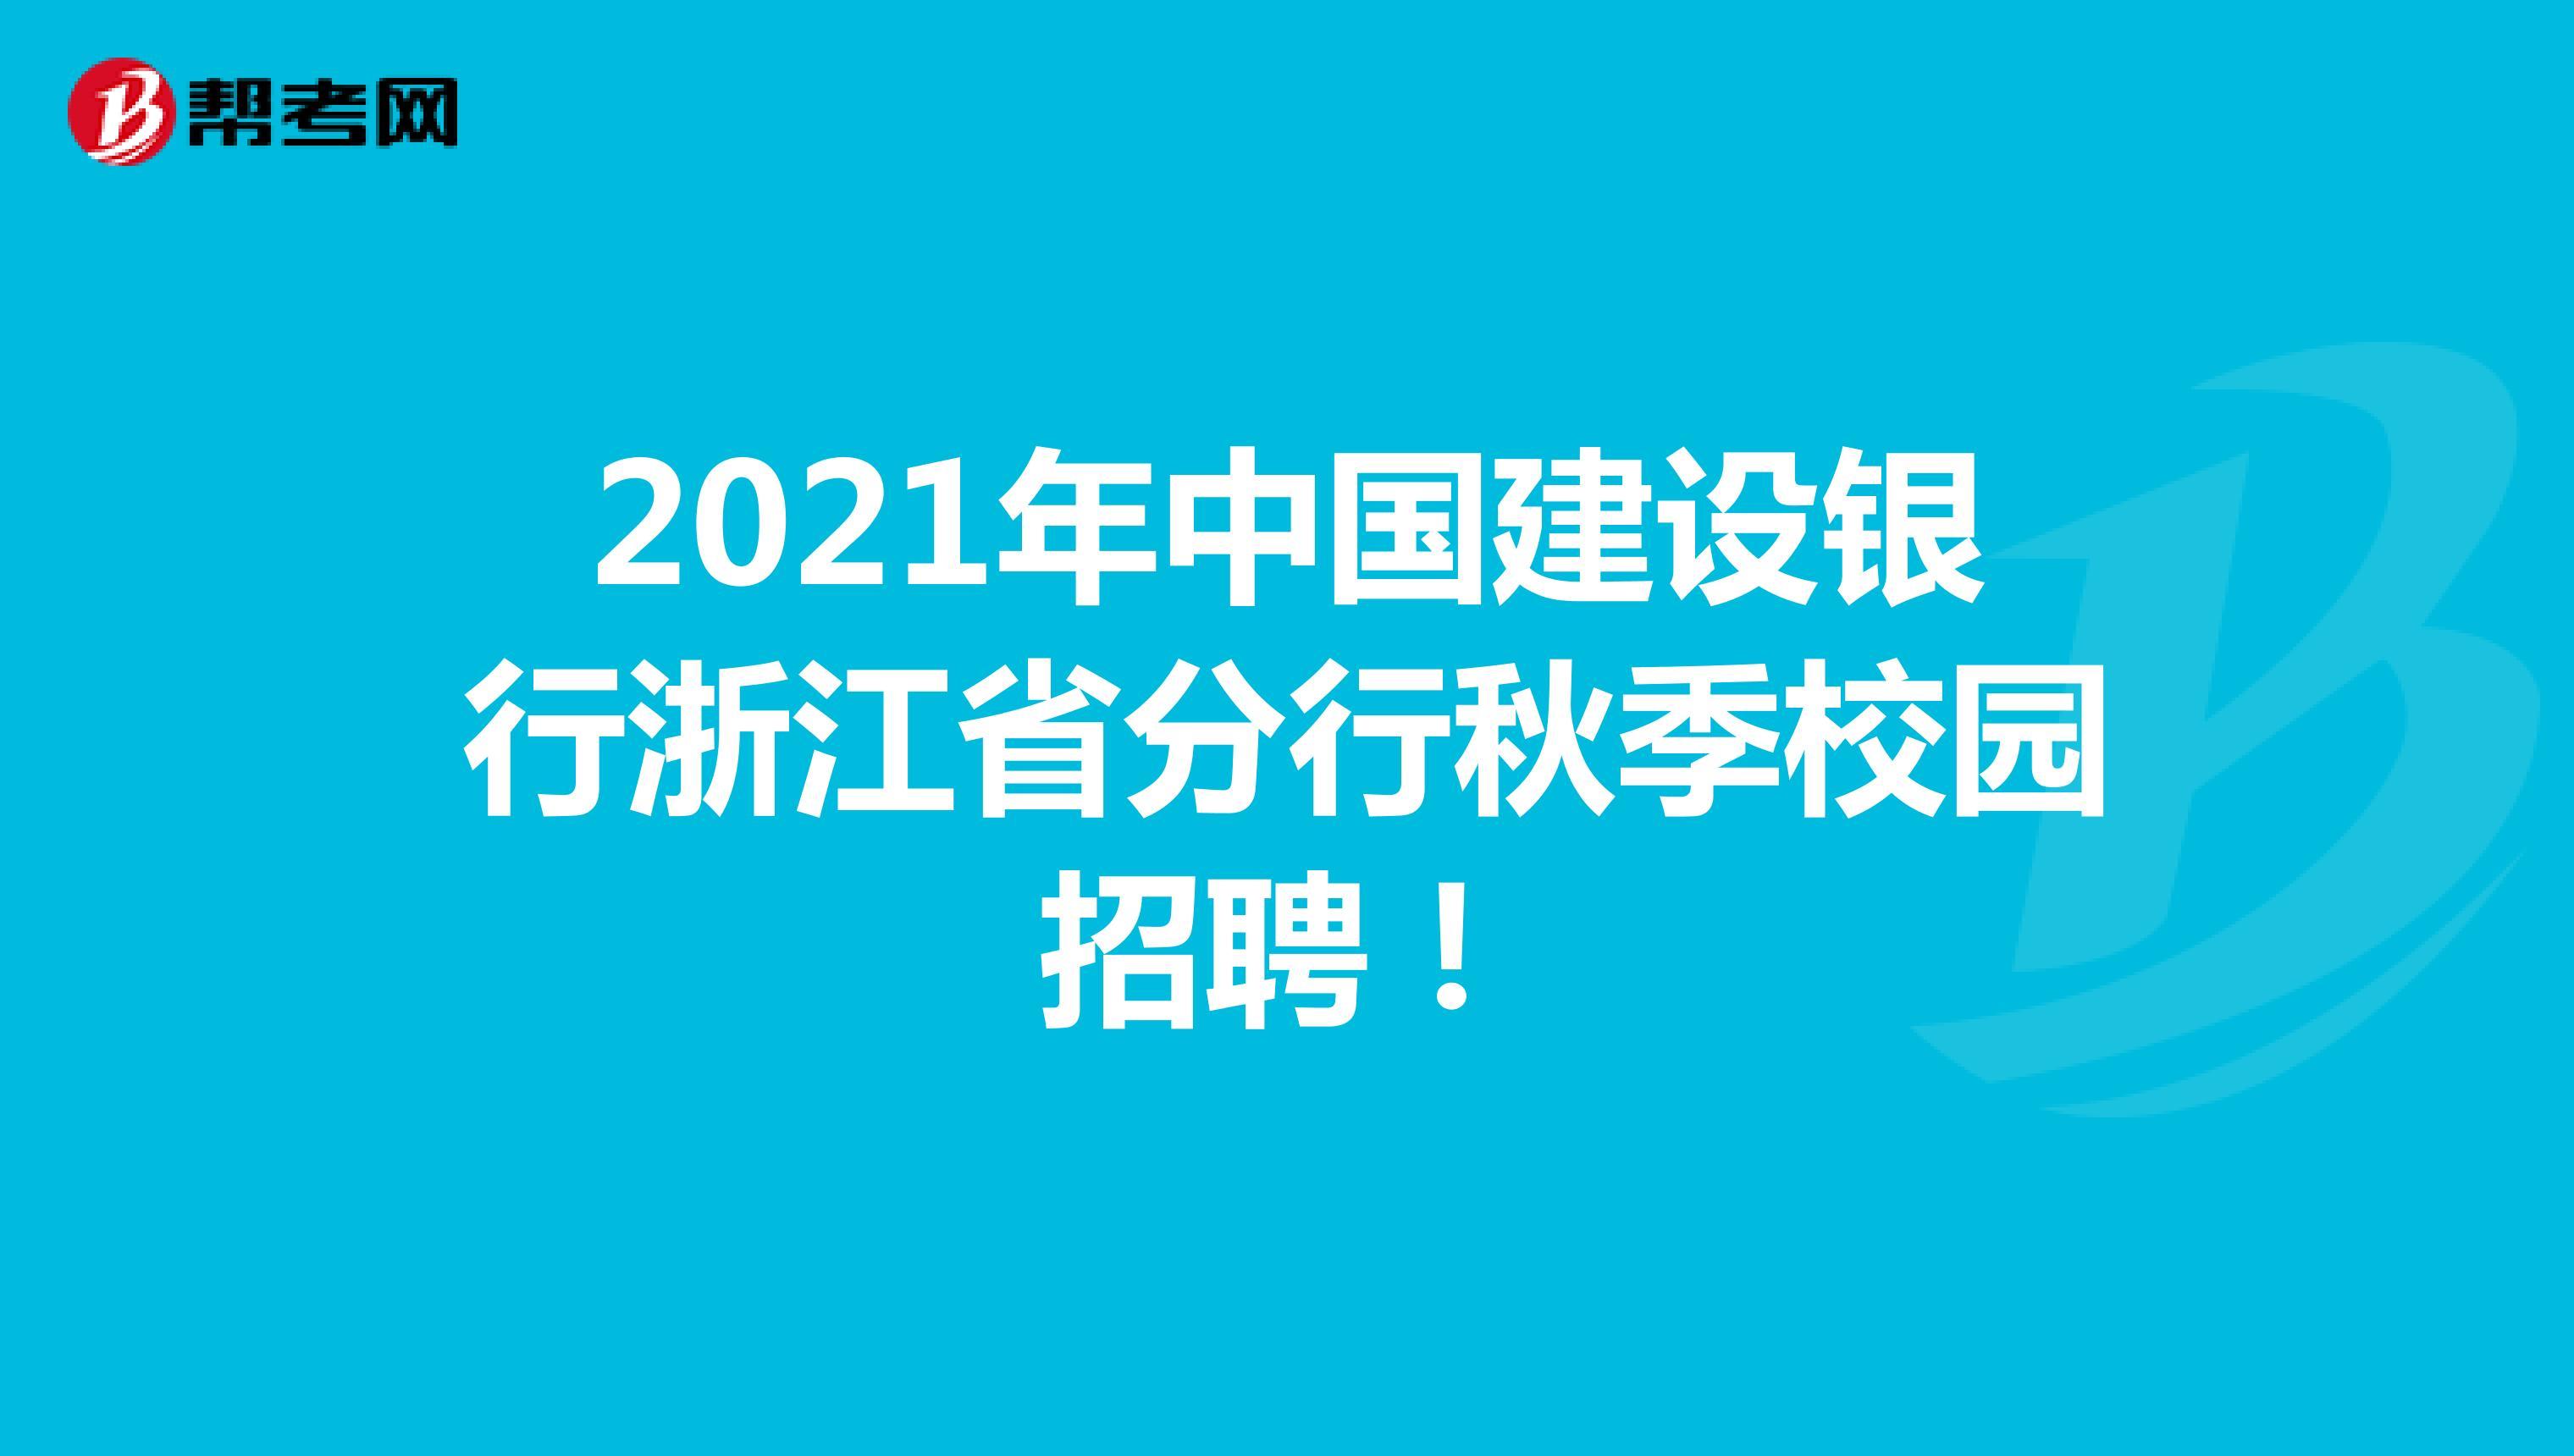 2021年中国建设银行浙江省分行秋季校园招聘!